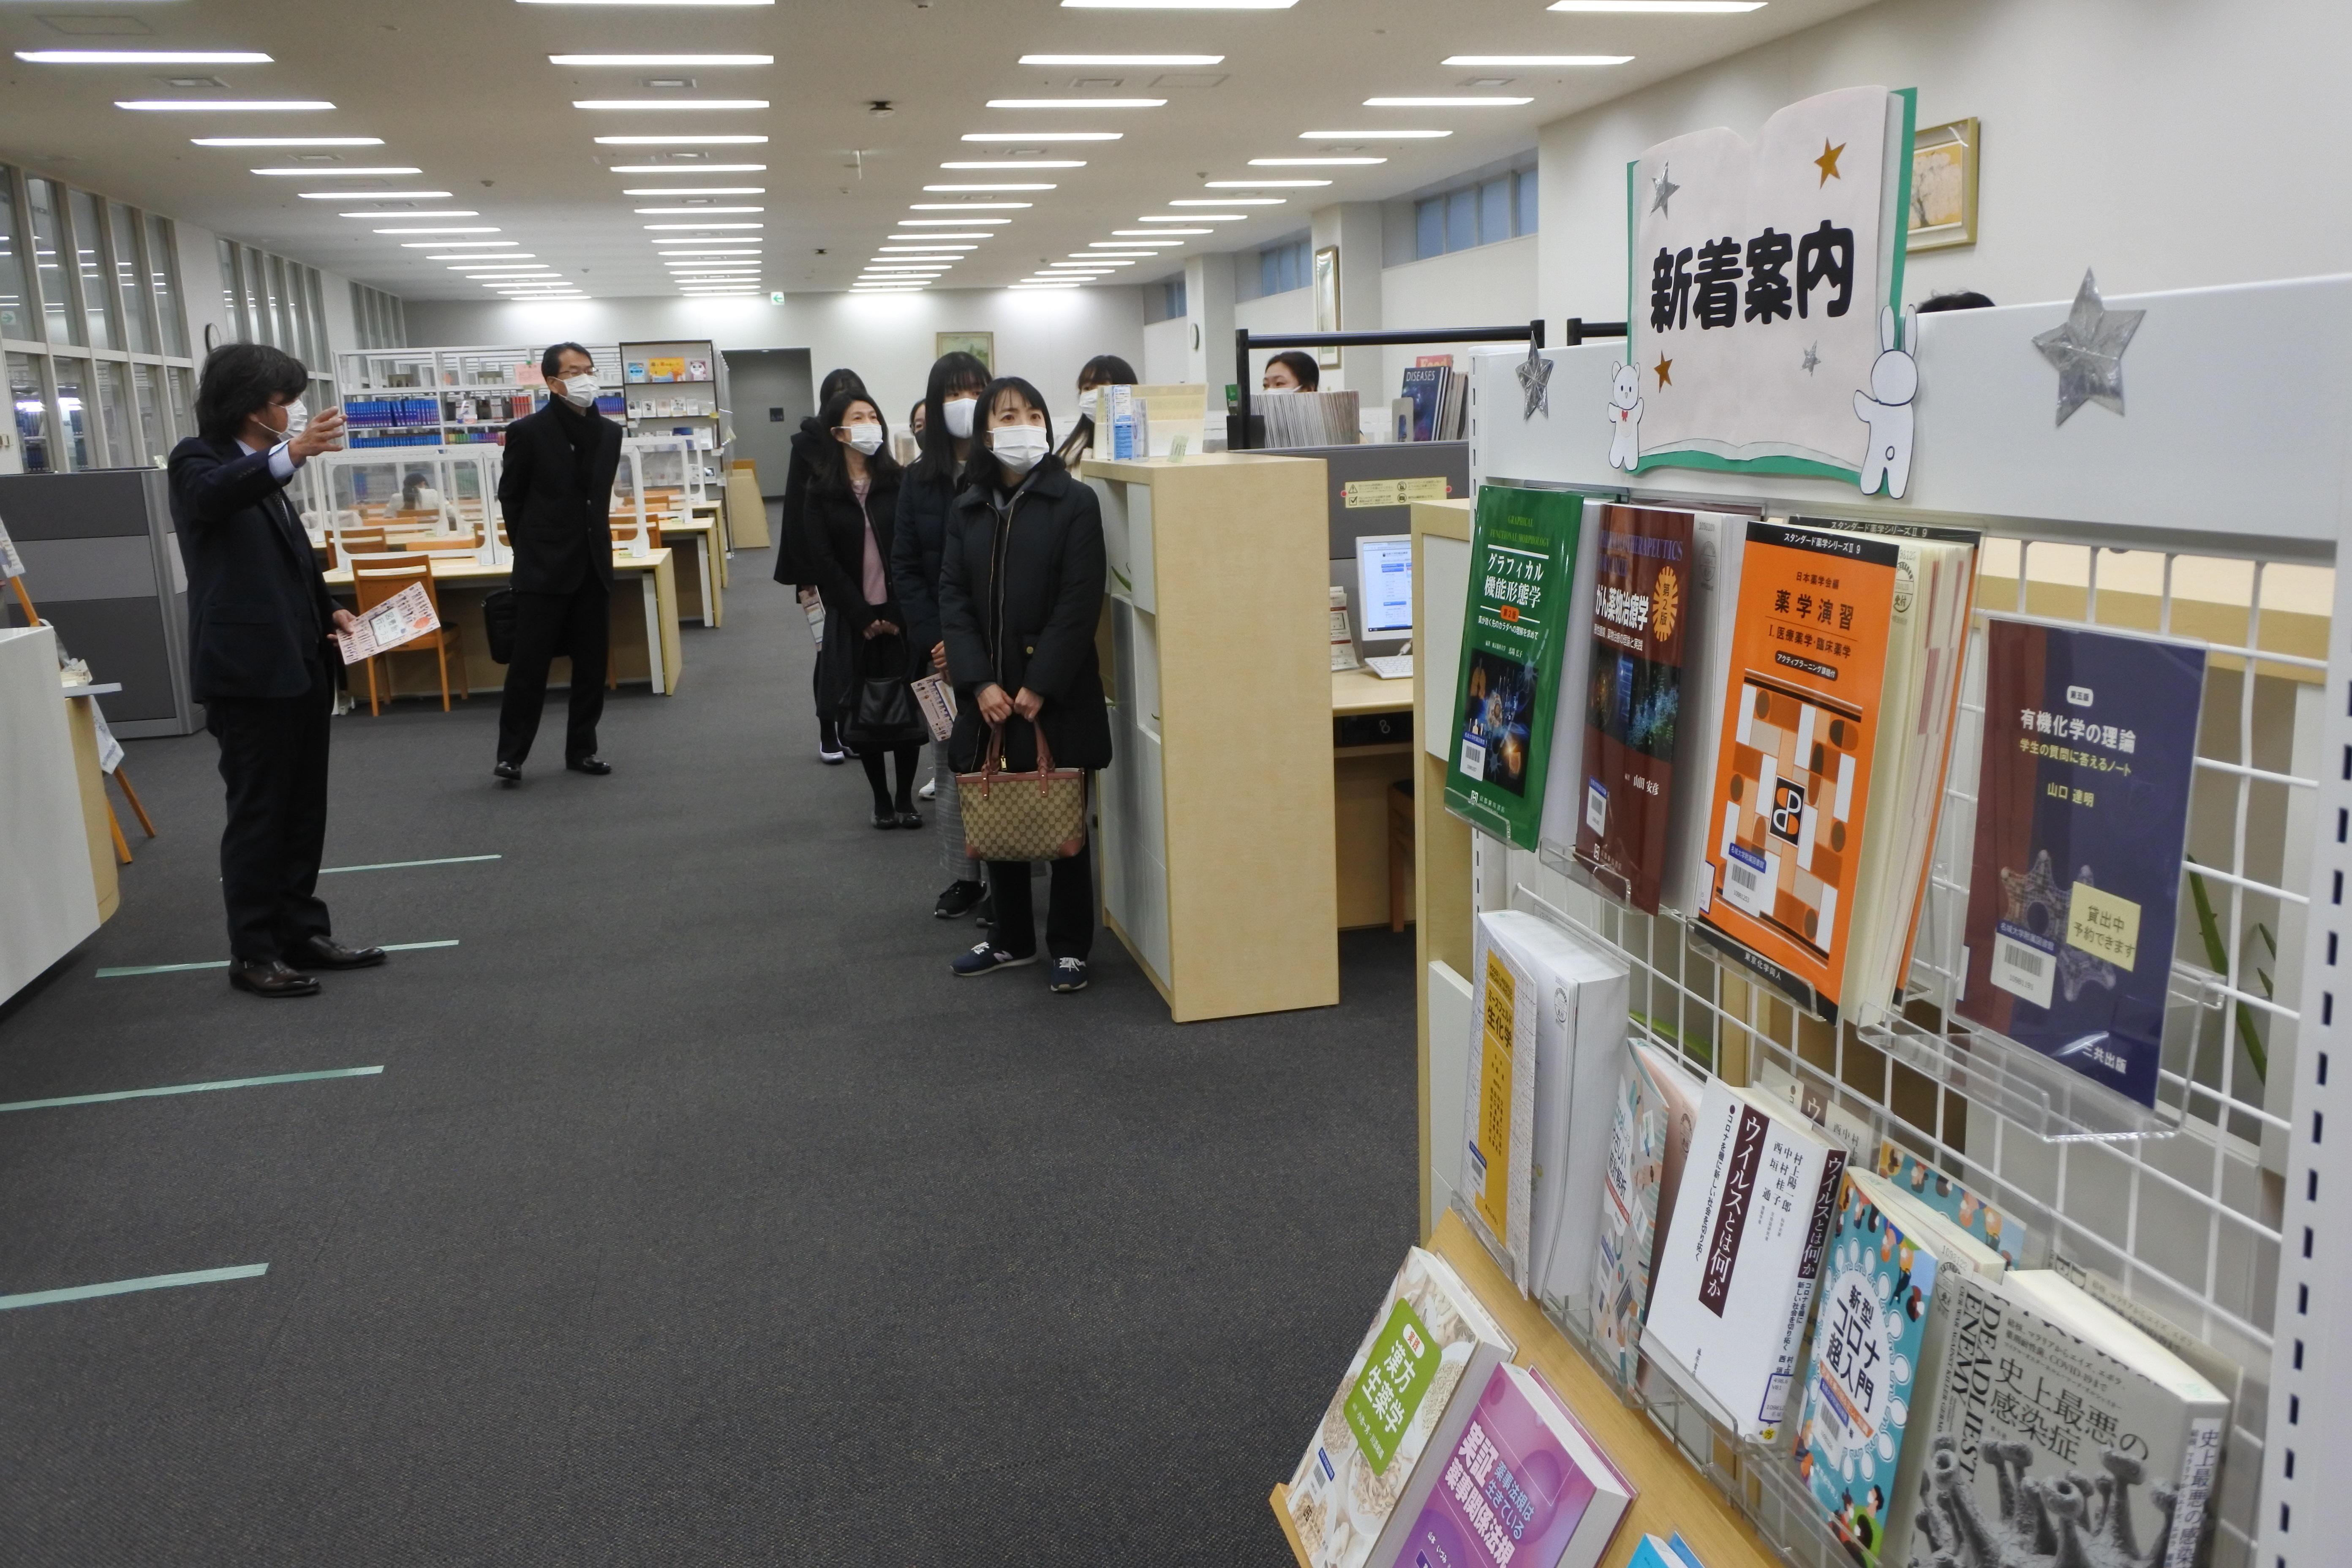 附属図書館薬学部分室を見せる灘井雅行学部長